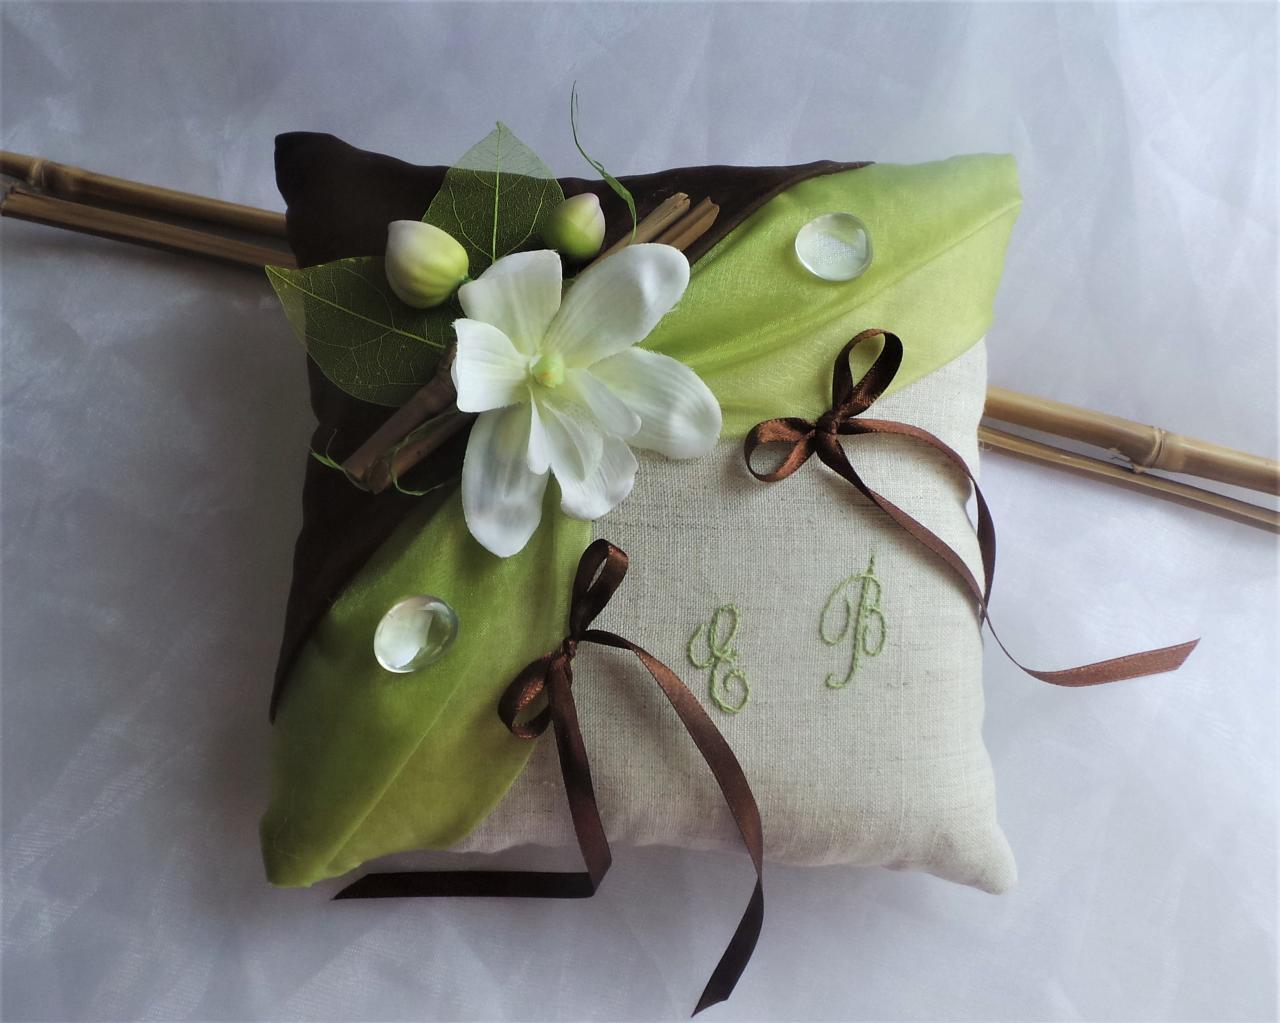 Coussin porte alliances chocolat anis Zen bambou orchidée